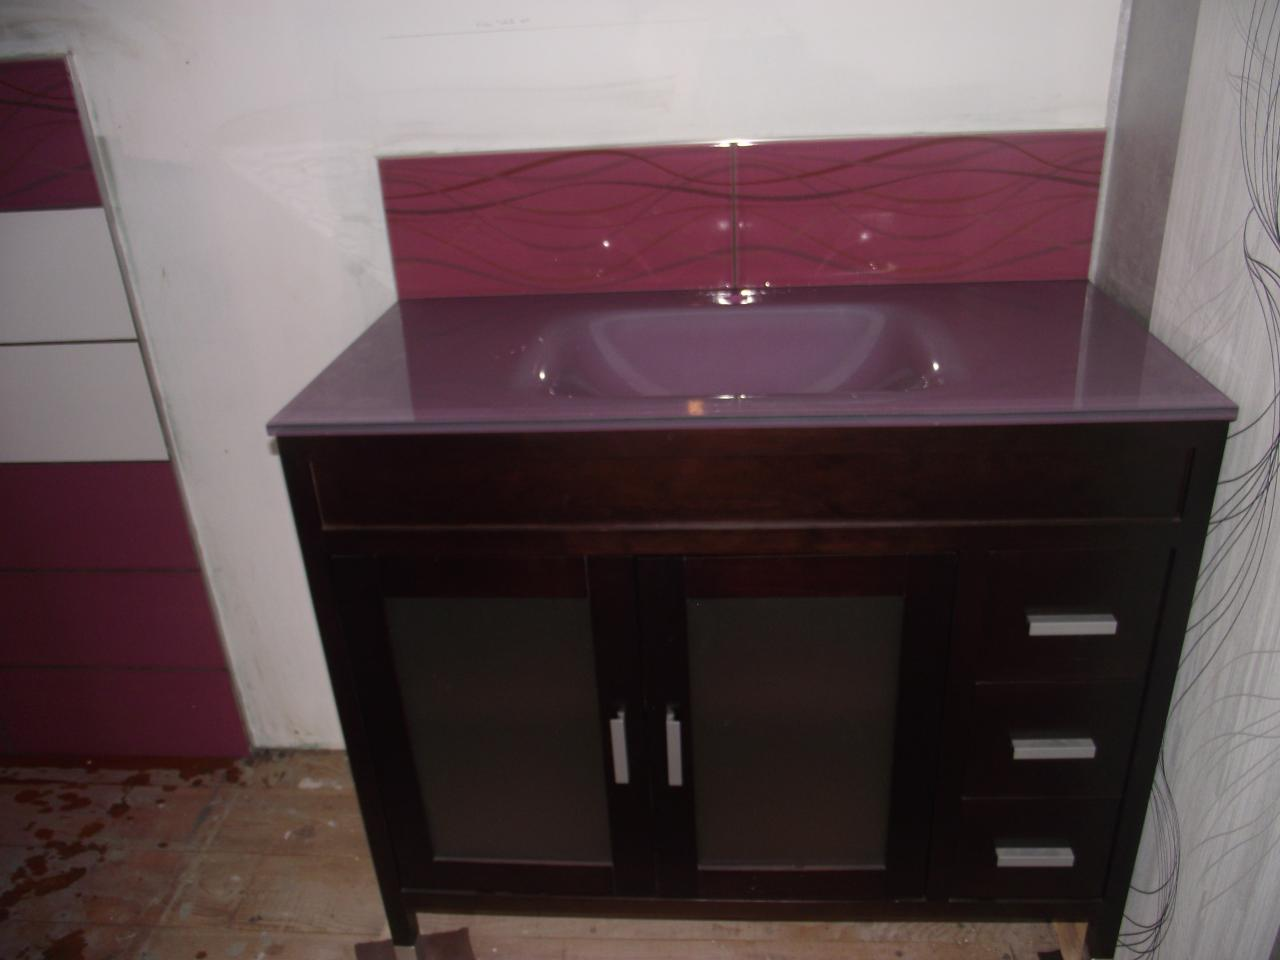 Carrelage pos au dessus lavabo sdb for Salle de bain 1m2